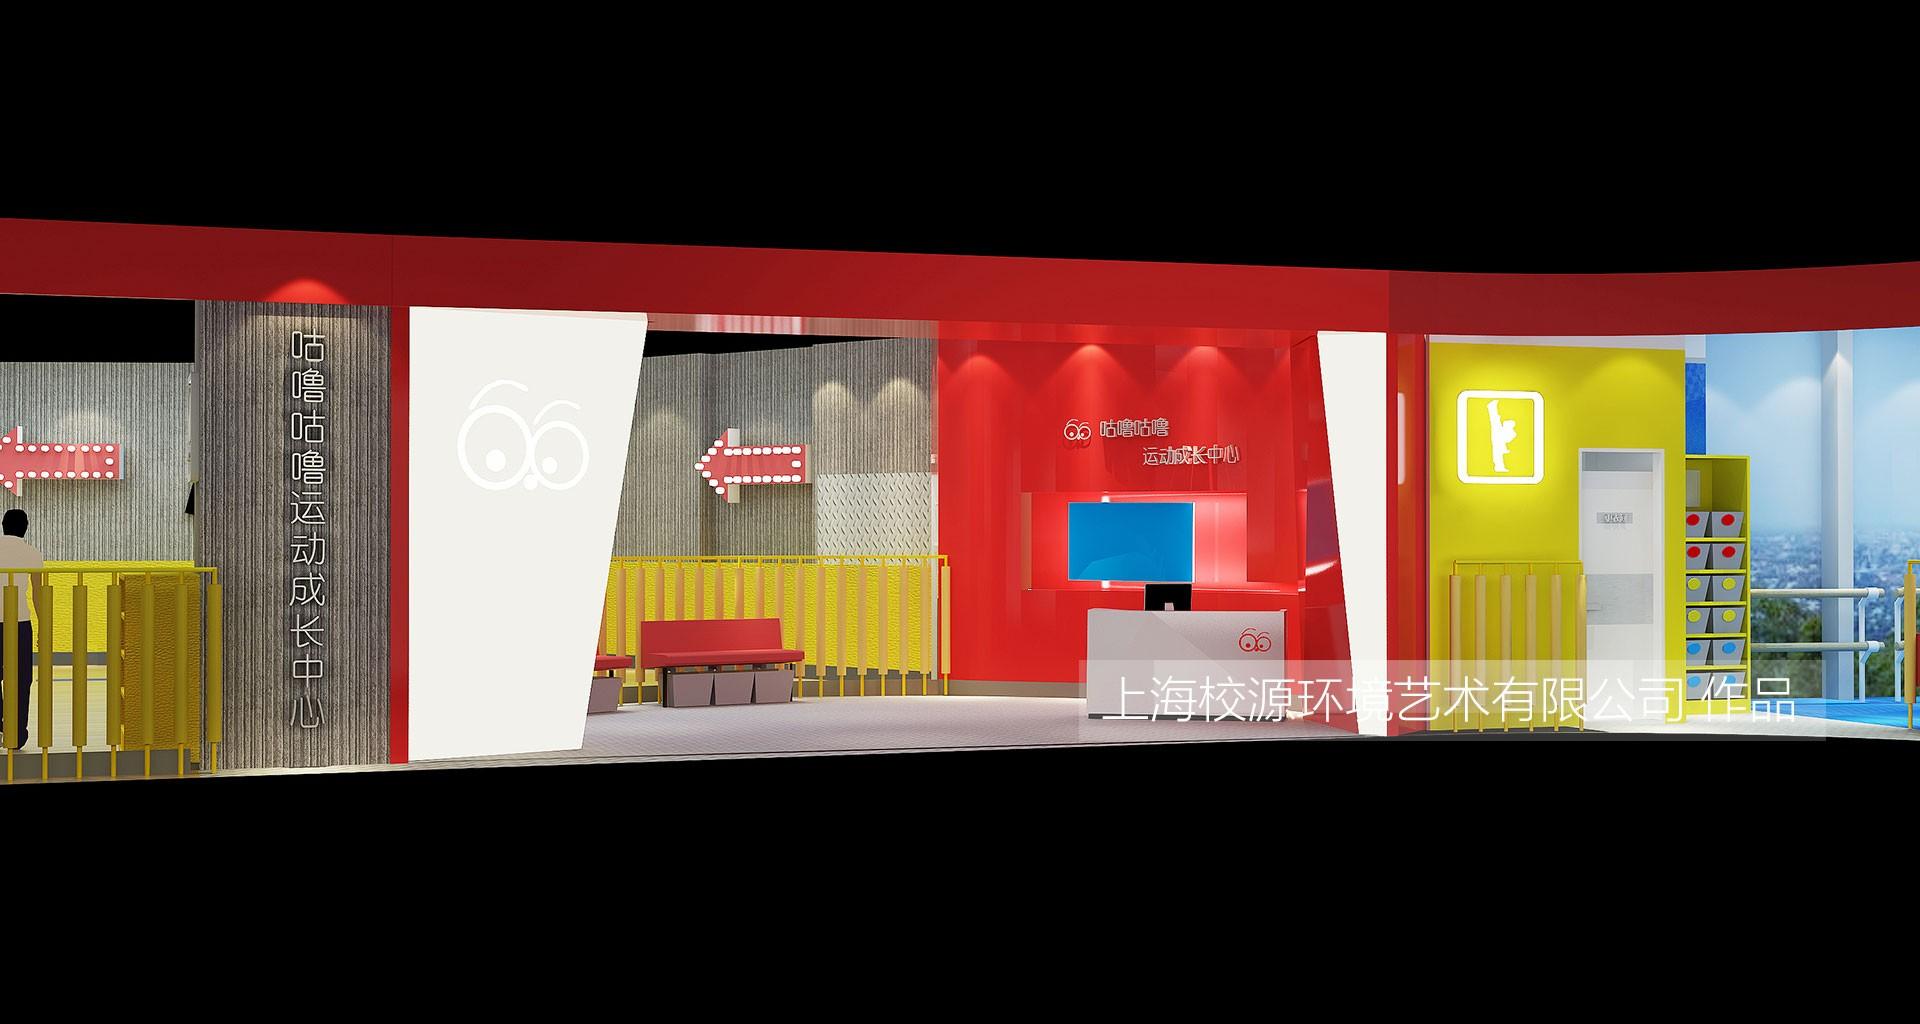 知名连锁儿童运动中心 咕噜咕噜(长宁88店)整体设计 施工